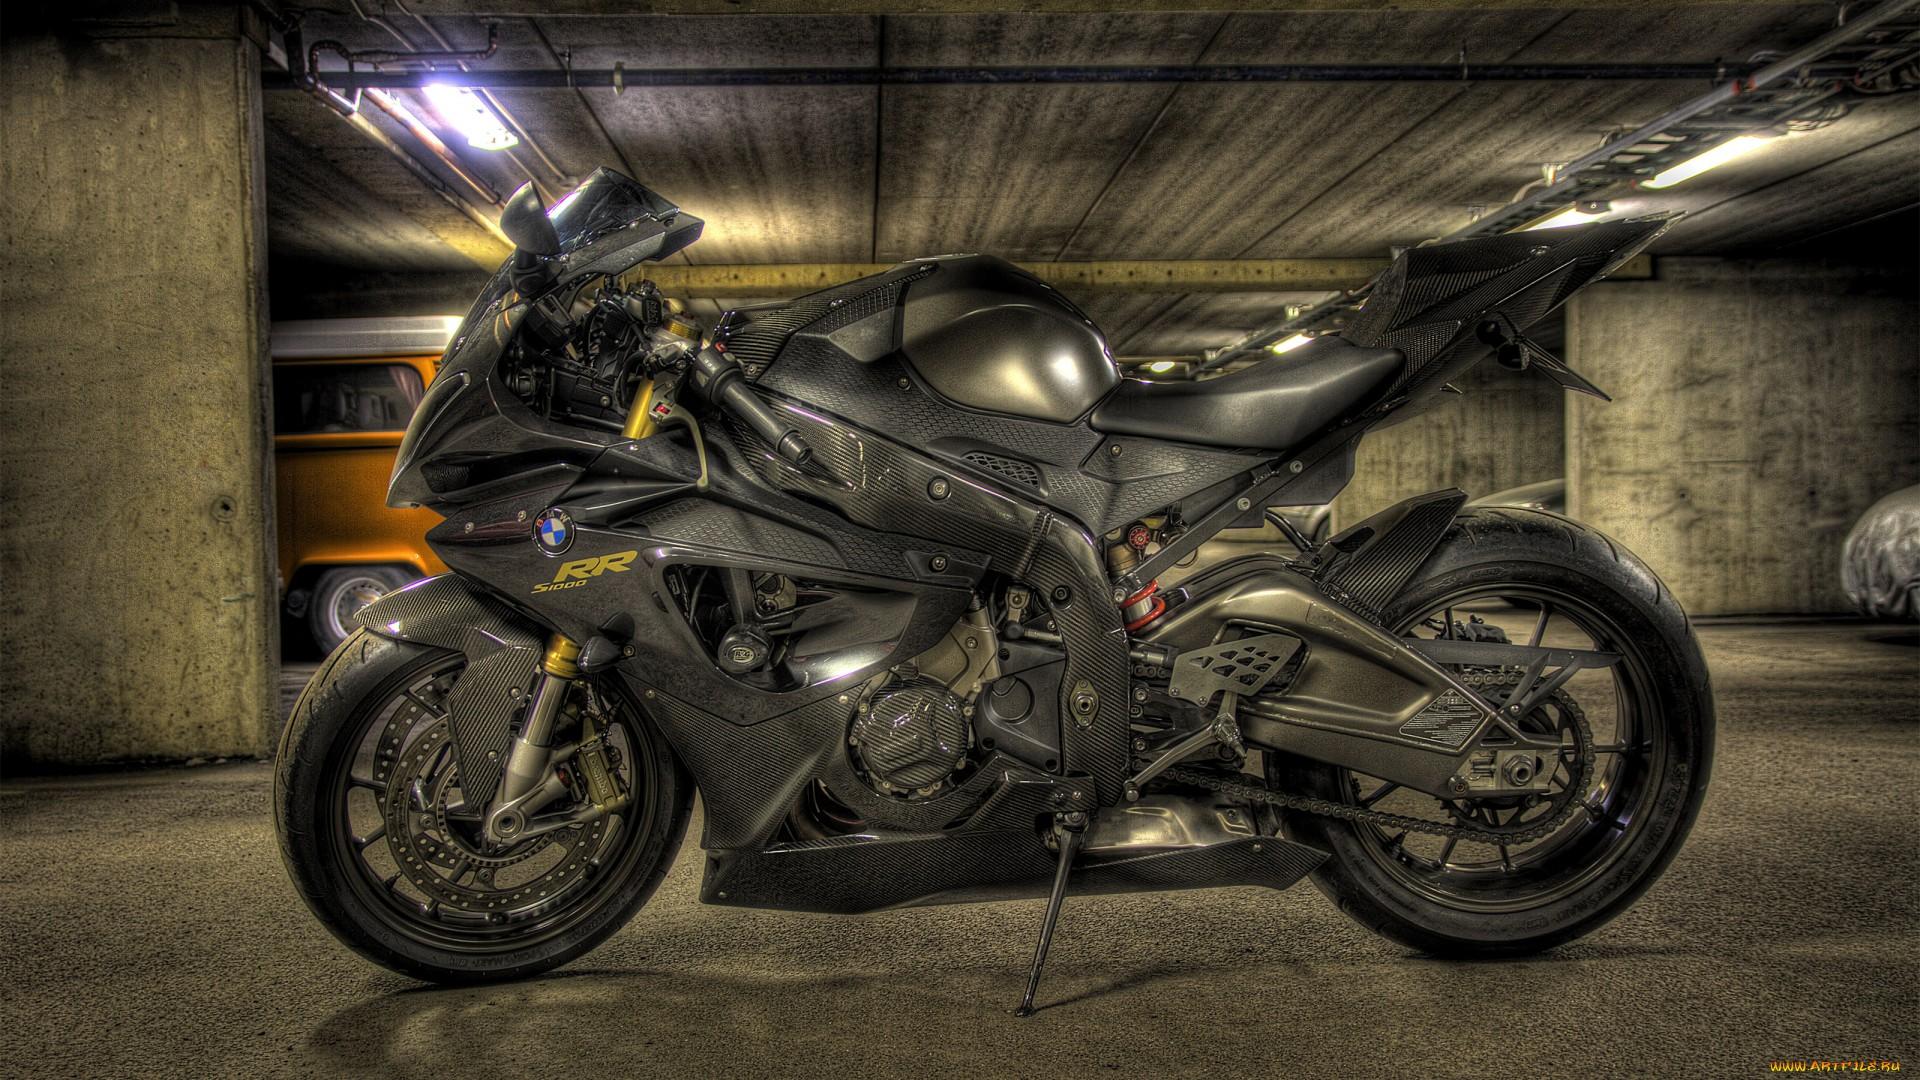 мотоцикл спортивный гараж в хорошем качестве